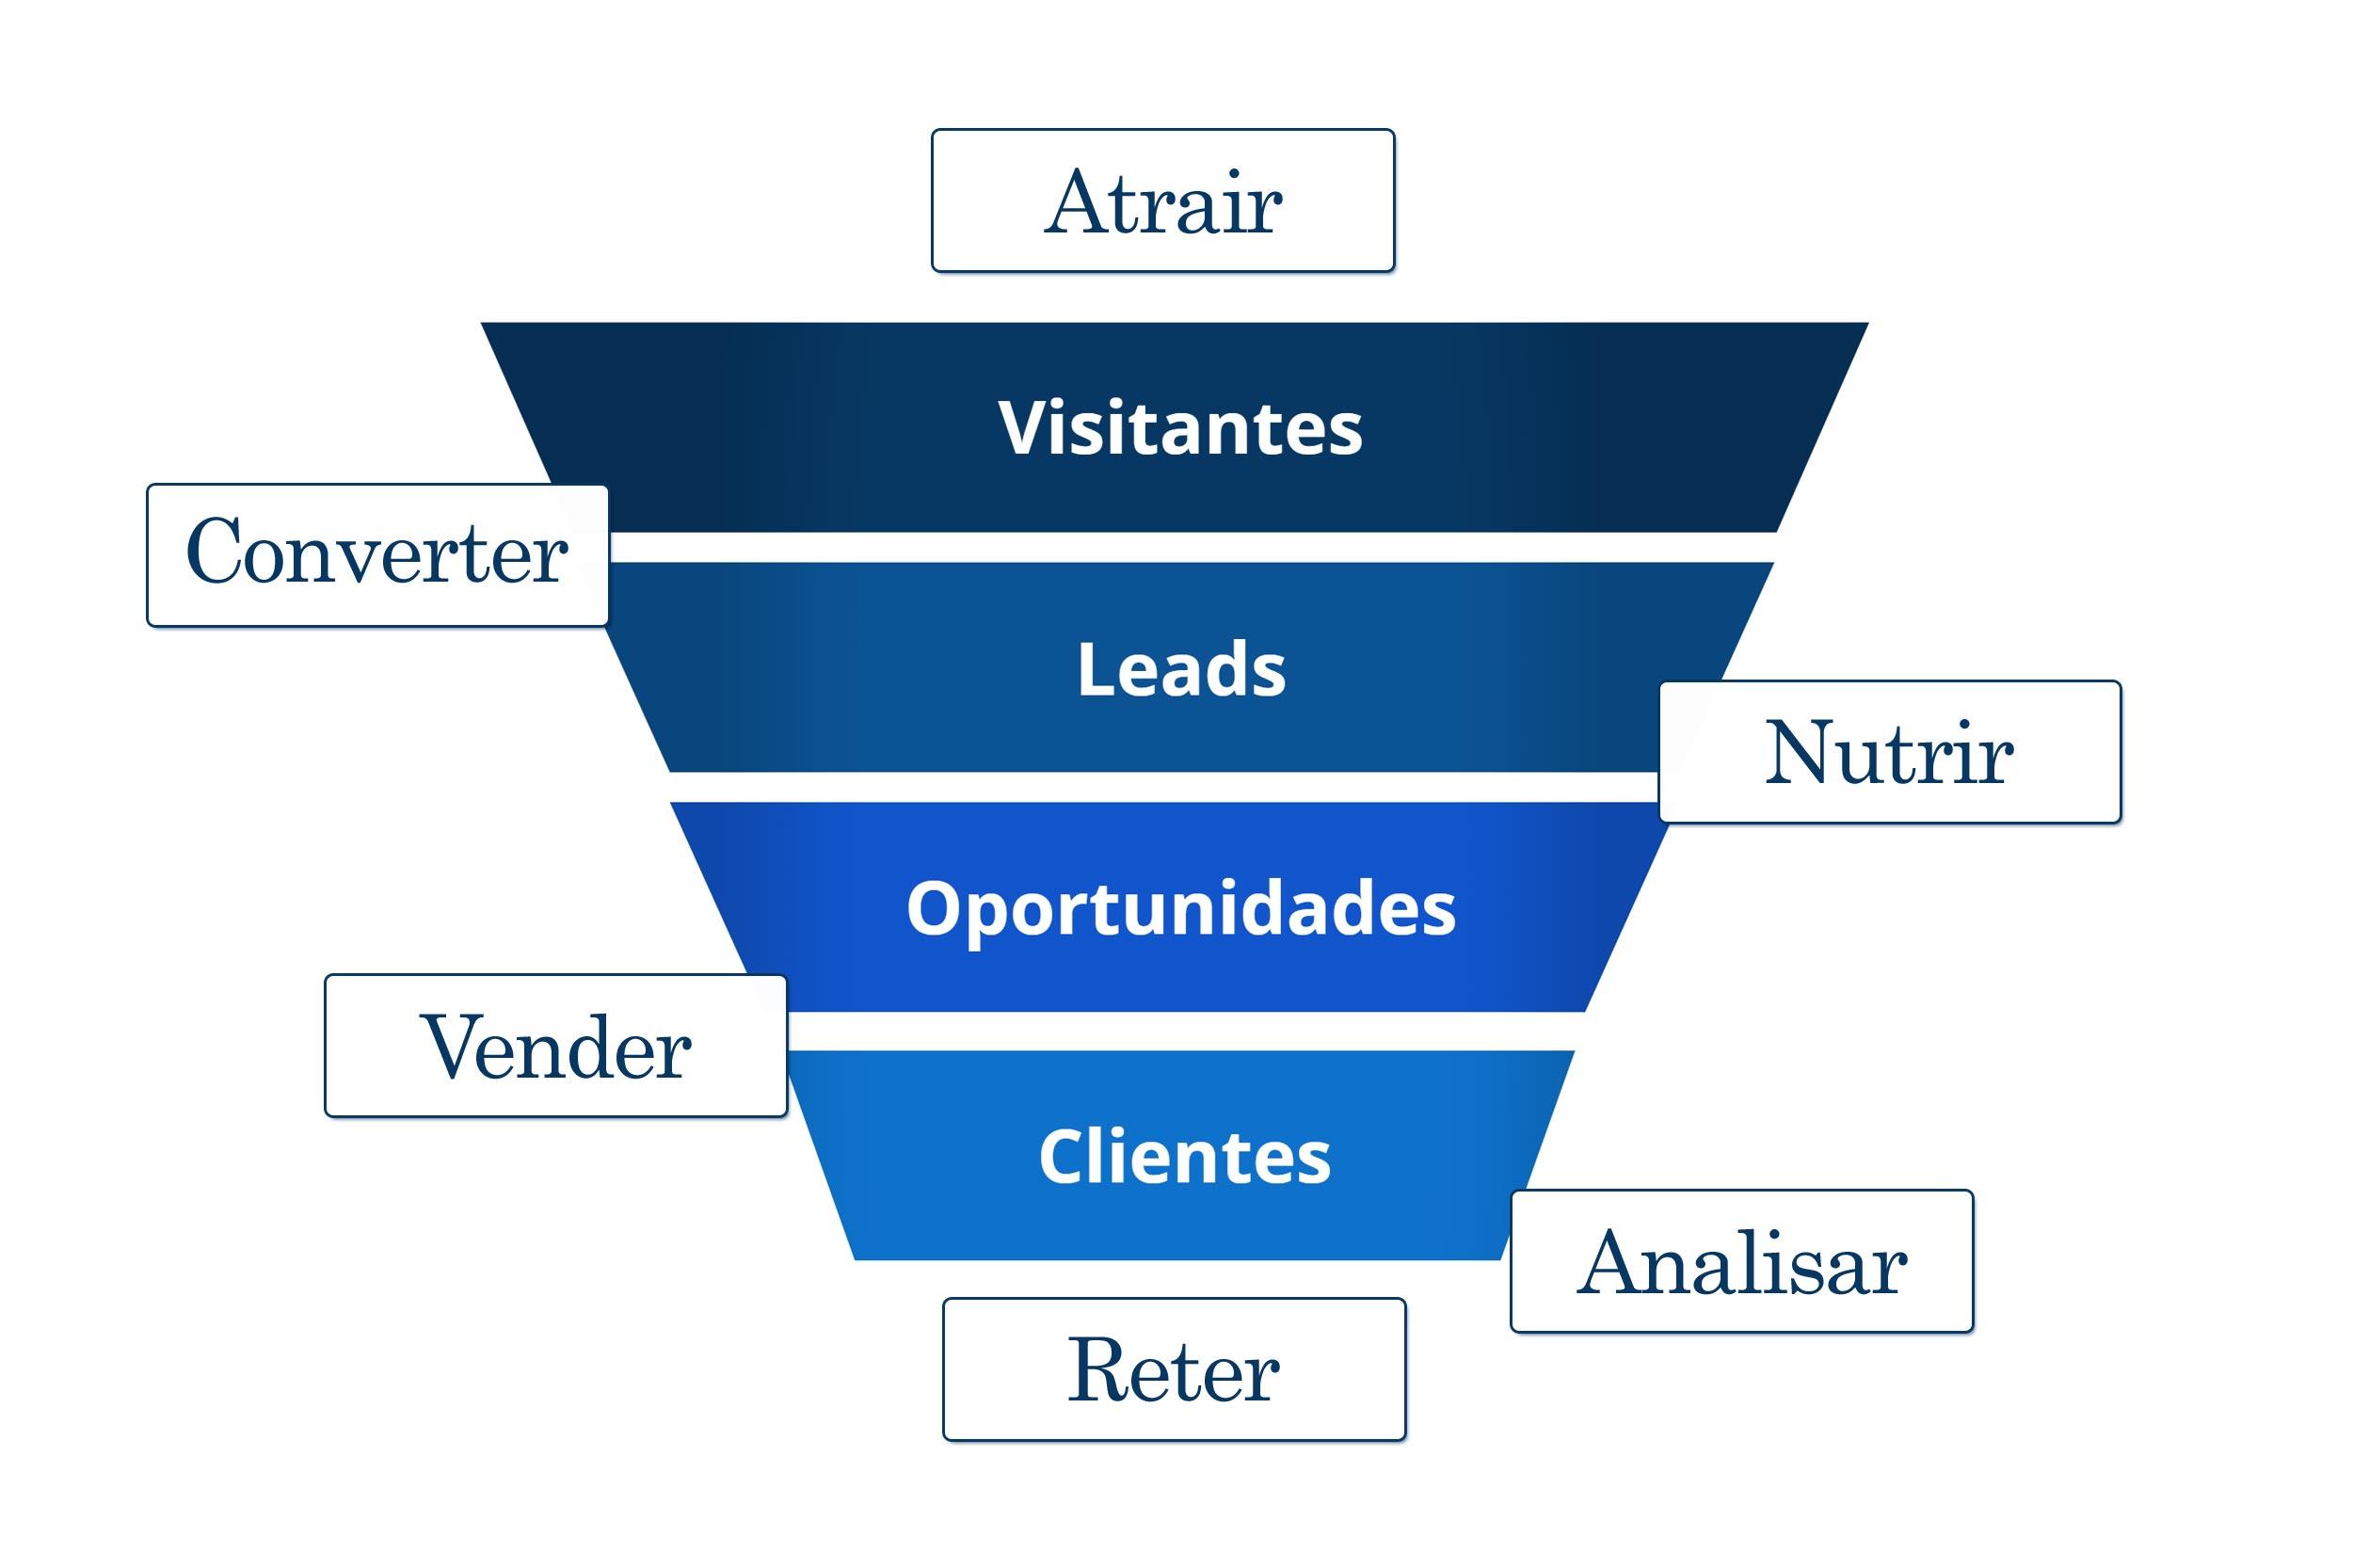 Diferença entre visitantes e leads